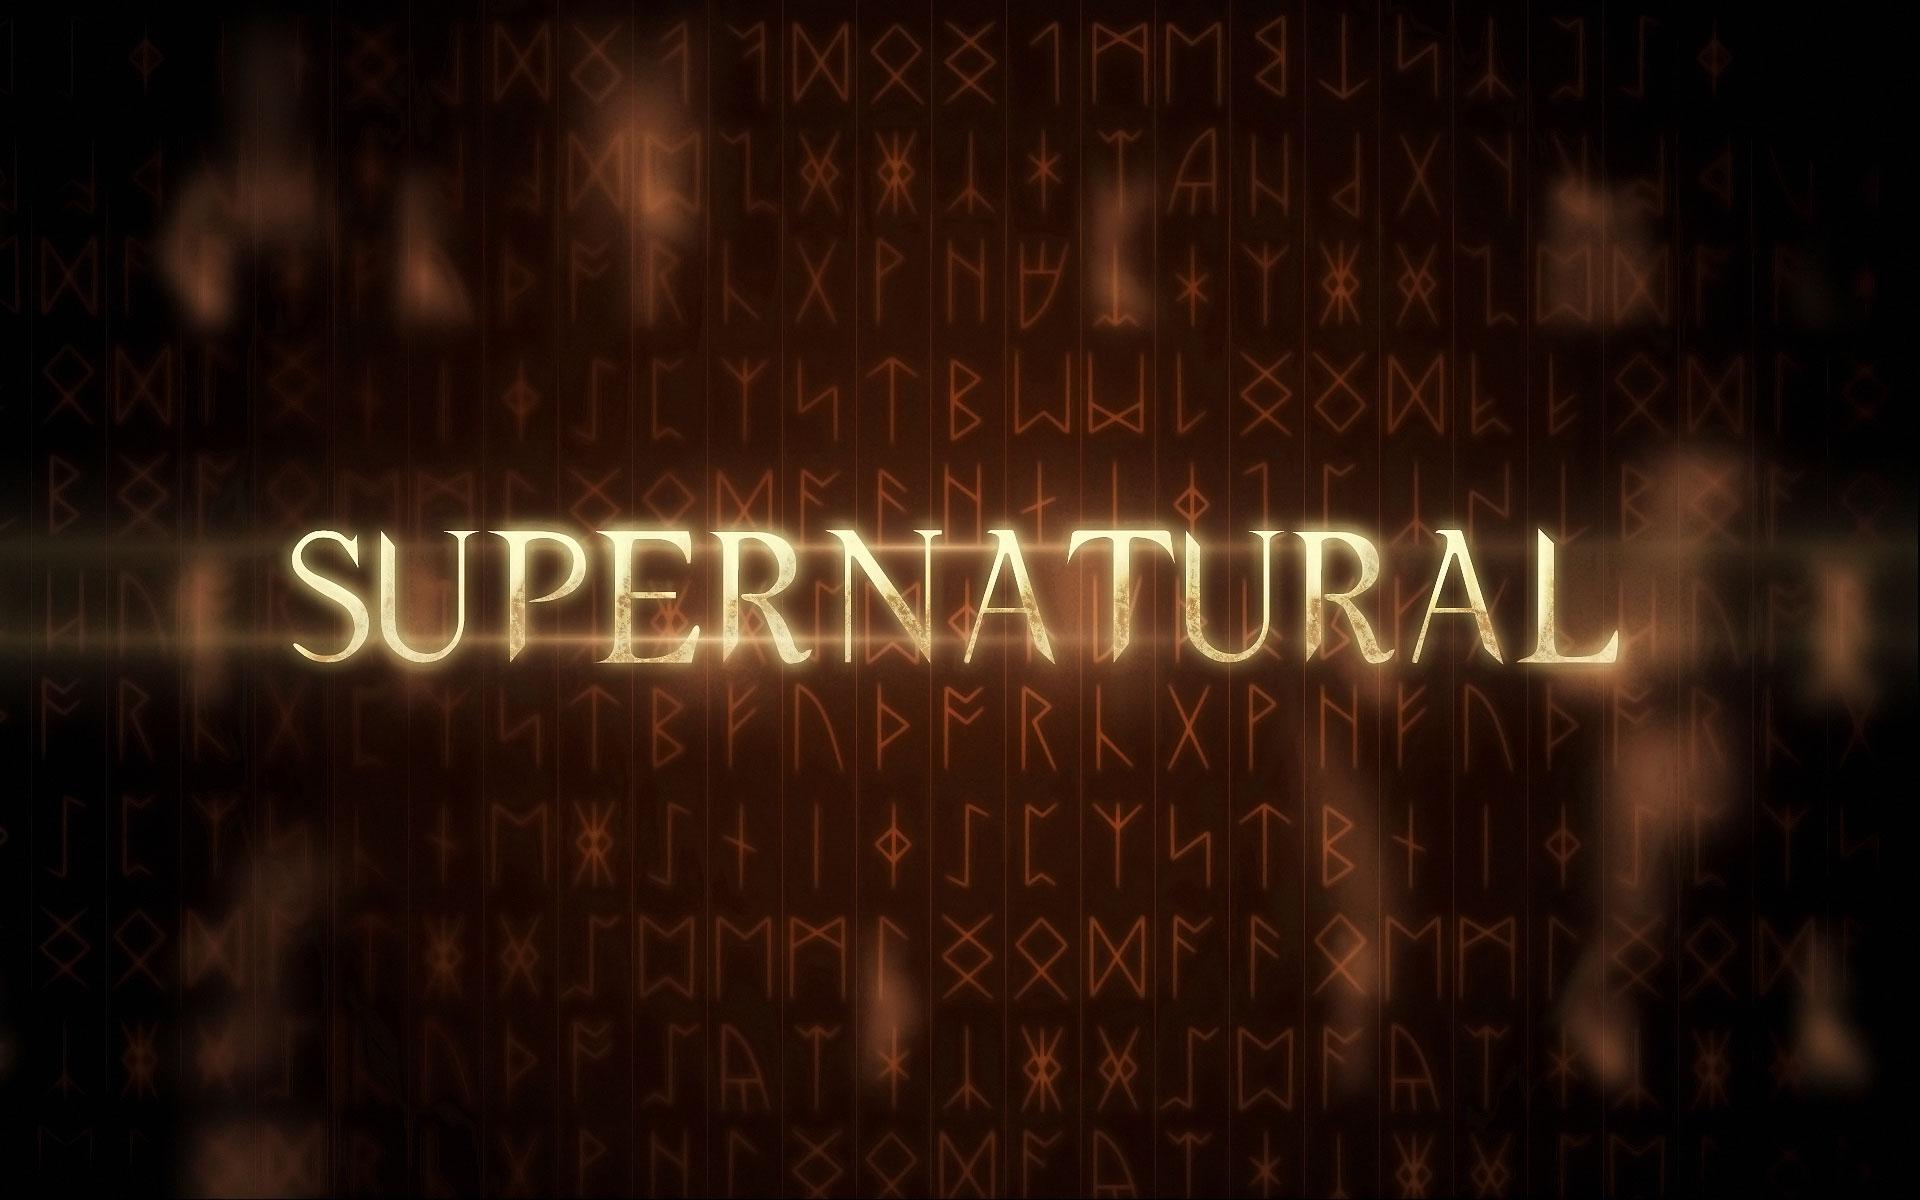 Supernatural season 9 wallpaper wallpapersafari supernatural season 9 logo wallpaper 3 1920x1200 voltagebd Gallery